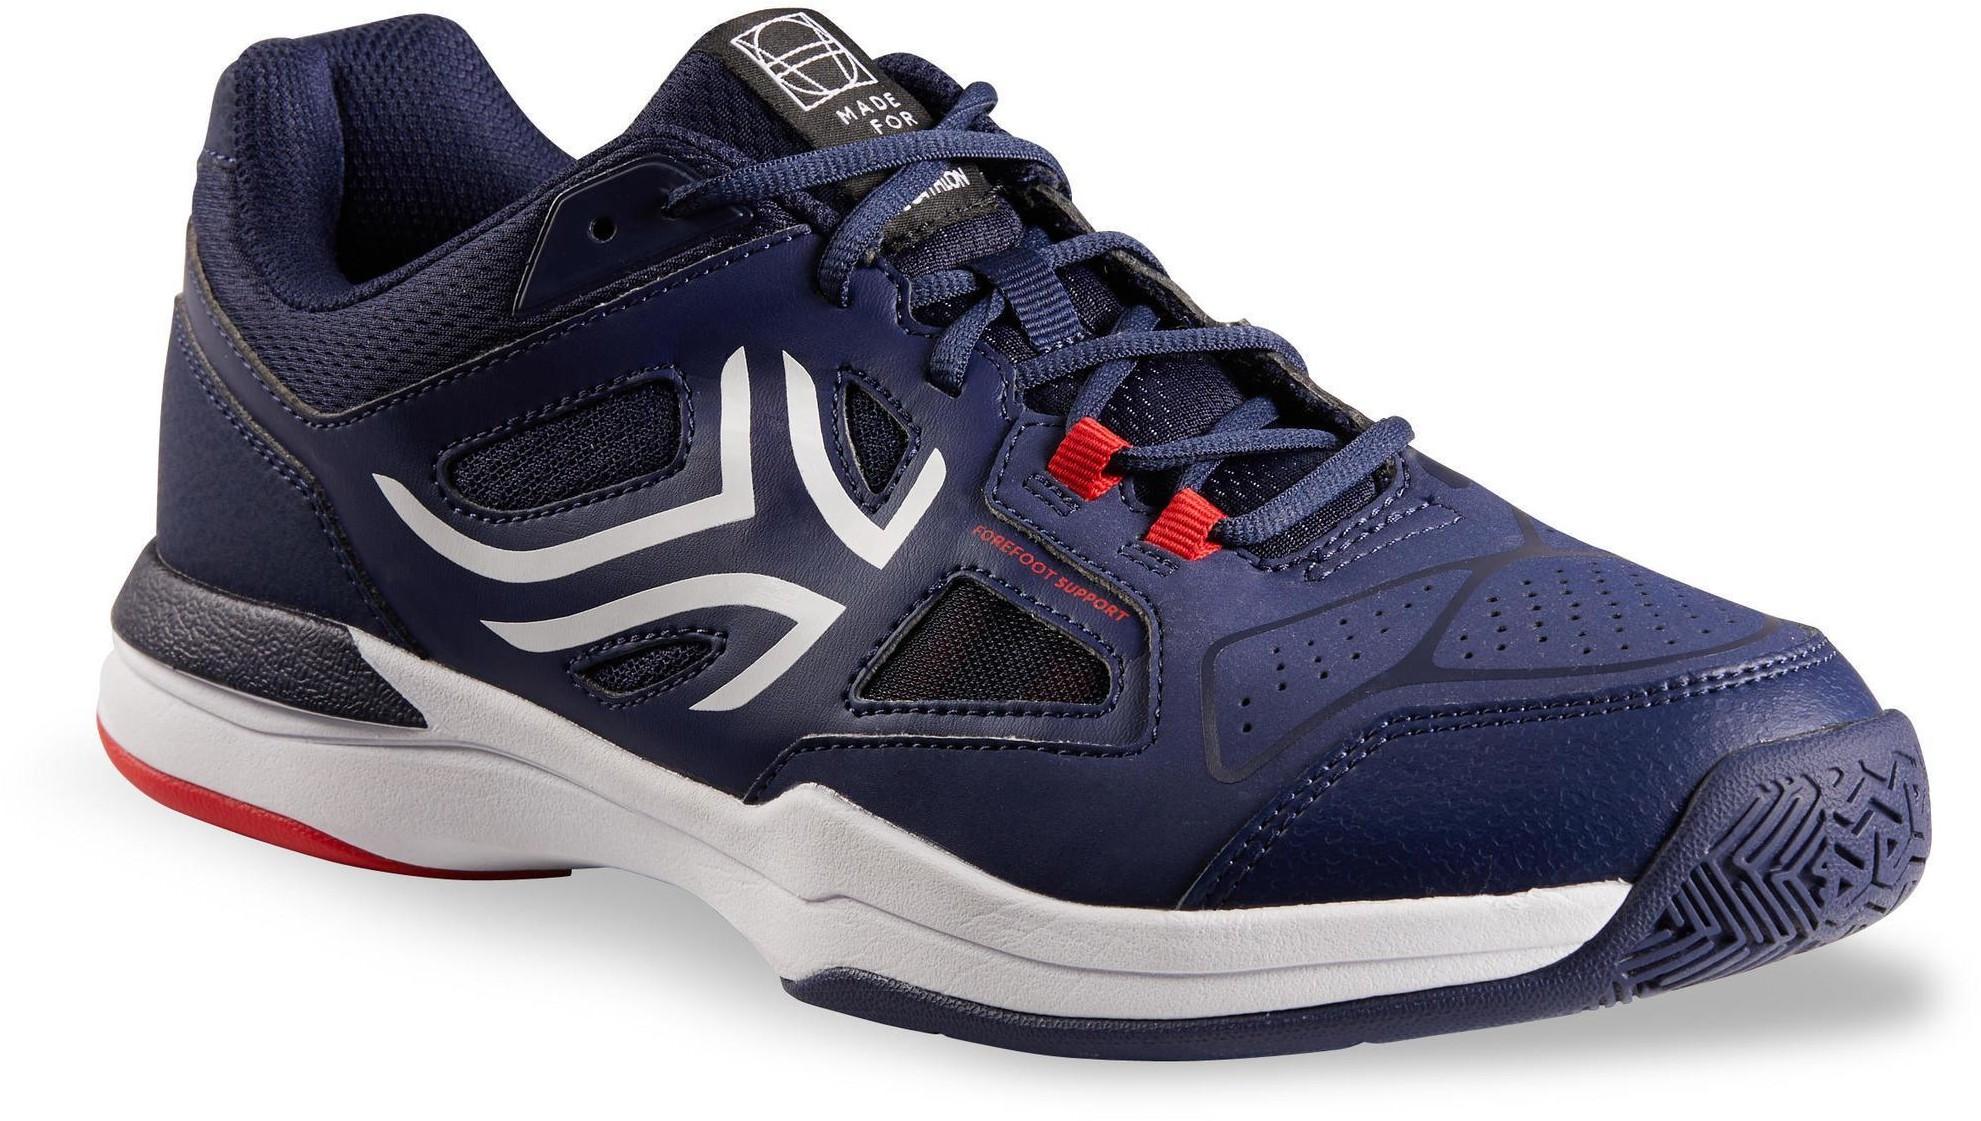 ARTENGO Buty tenis TS500 męskie na każdą nawierzchnię male